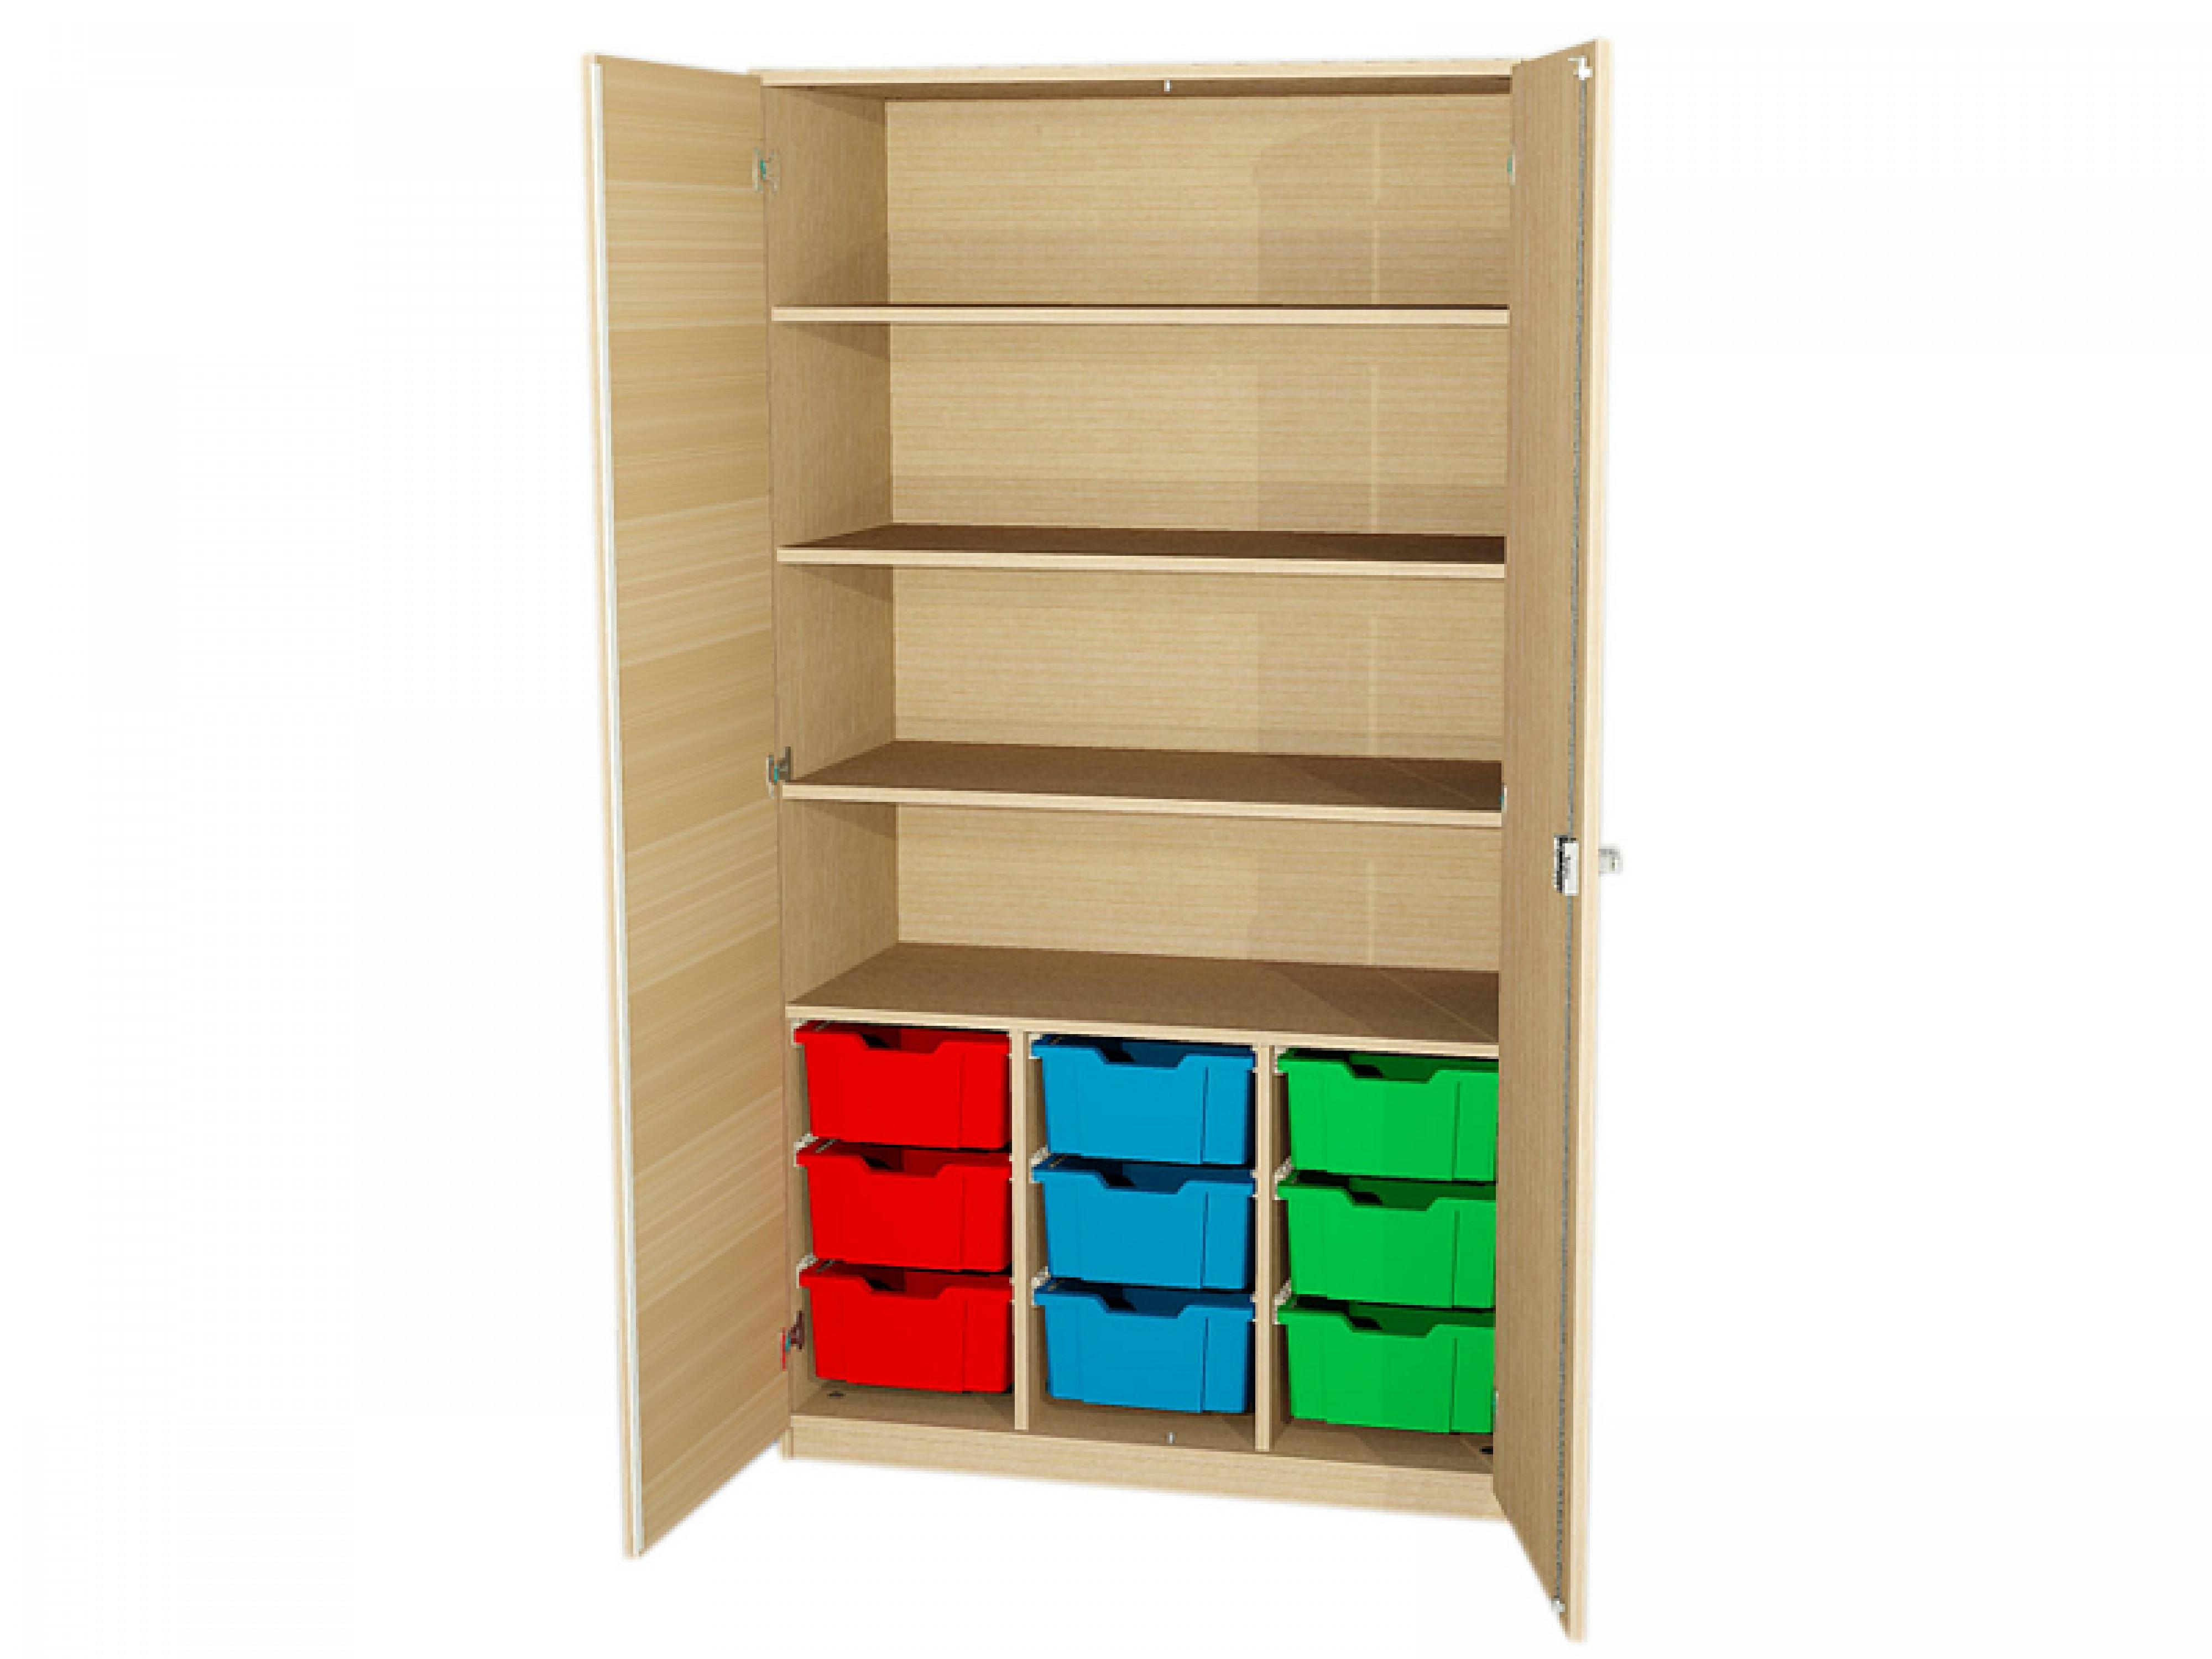 Abschließbarer Schrank  Abschließbarer Schrank mit 4 Fächern und 9 hohen Boxen